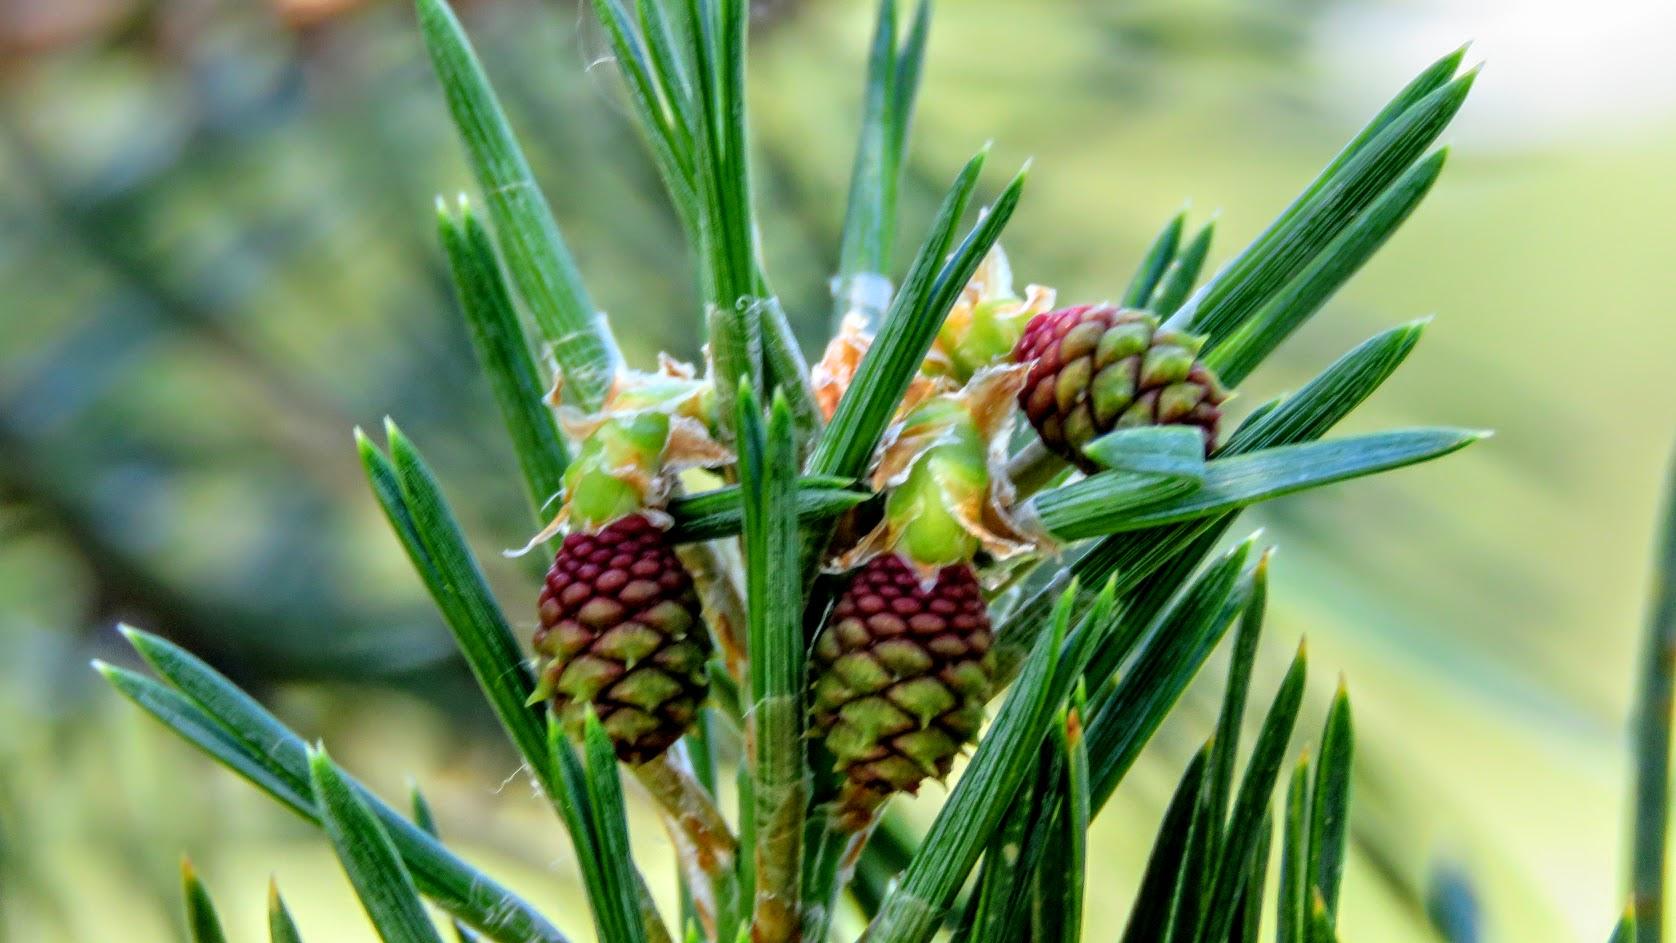 Цветики, птички, маслята и сосновые шишки. Мои припасы на зиму) IMG_6708.jpg